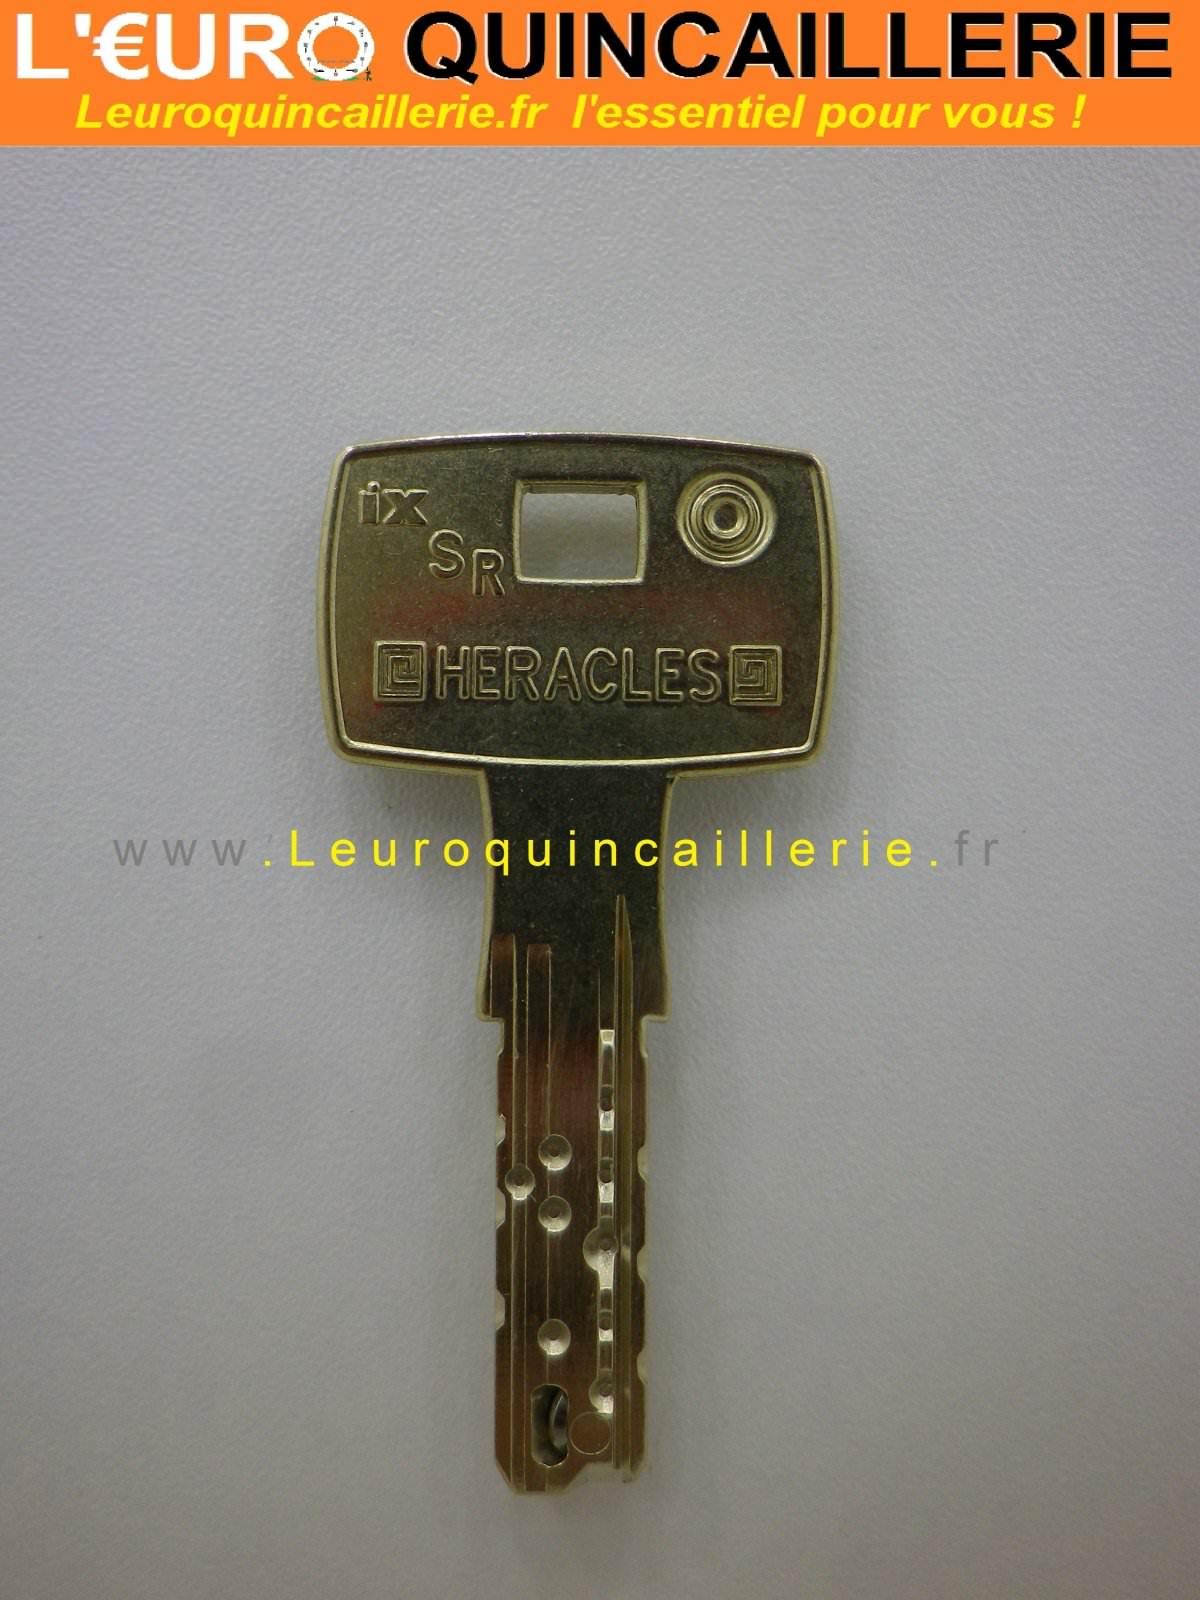 Clé Heracles IX6 SR à disque brevetée sur numéro